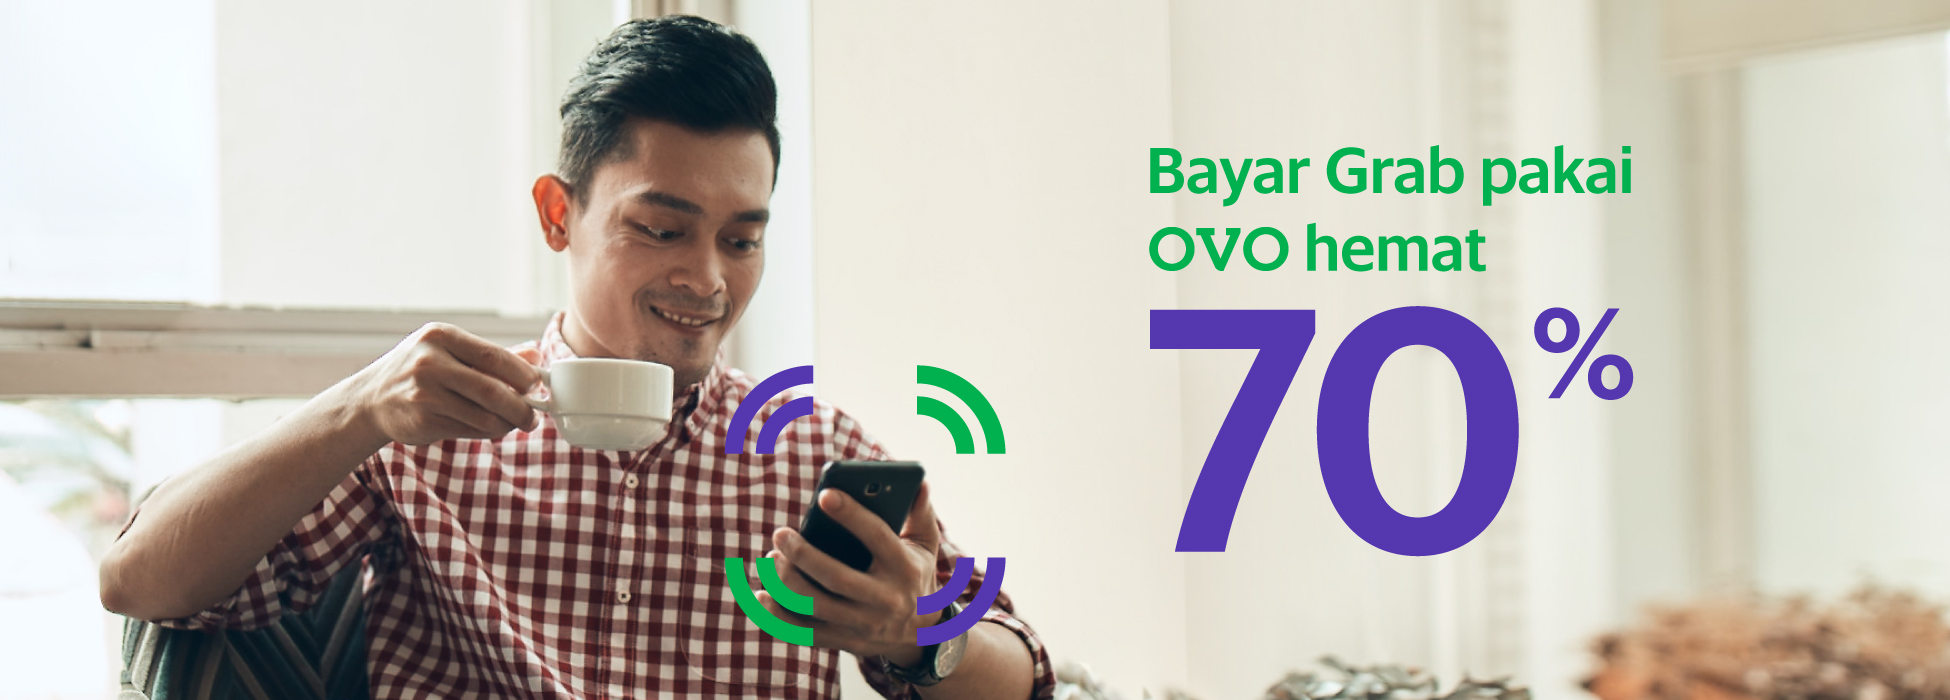 Bayar Grab pakai OVO hemat 70% | Grab ID